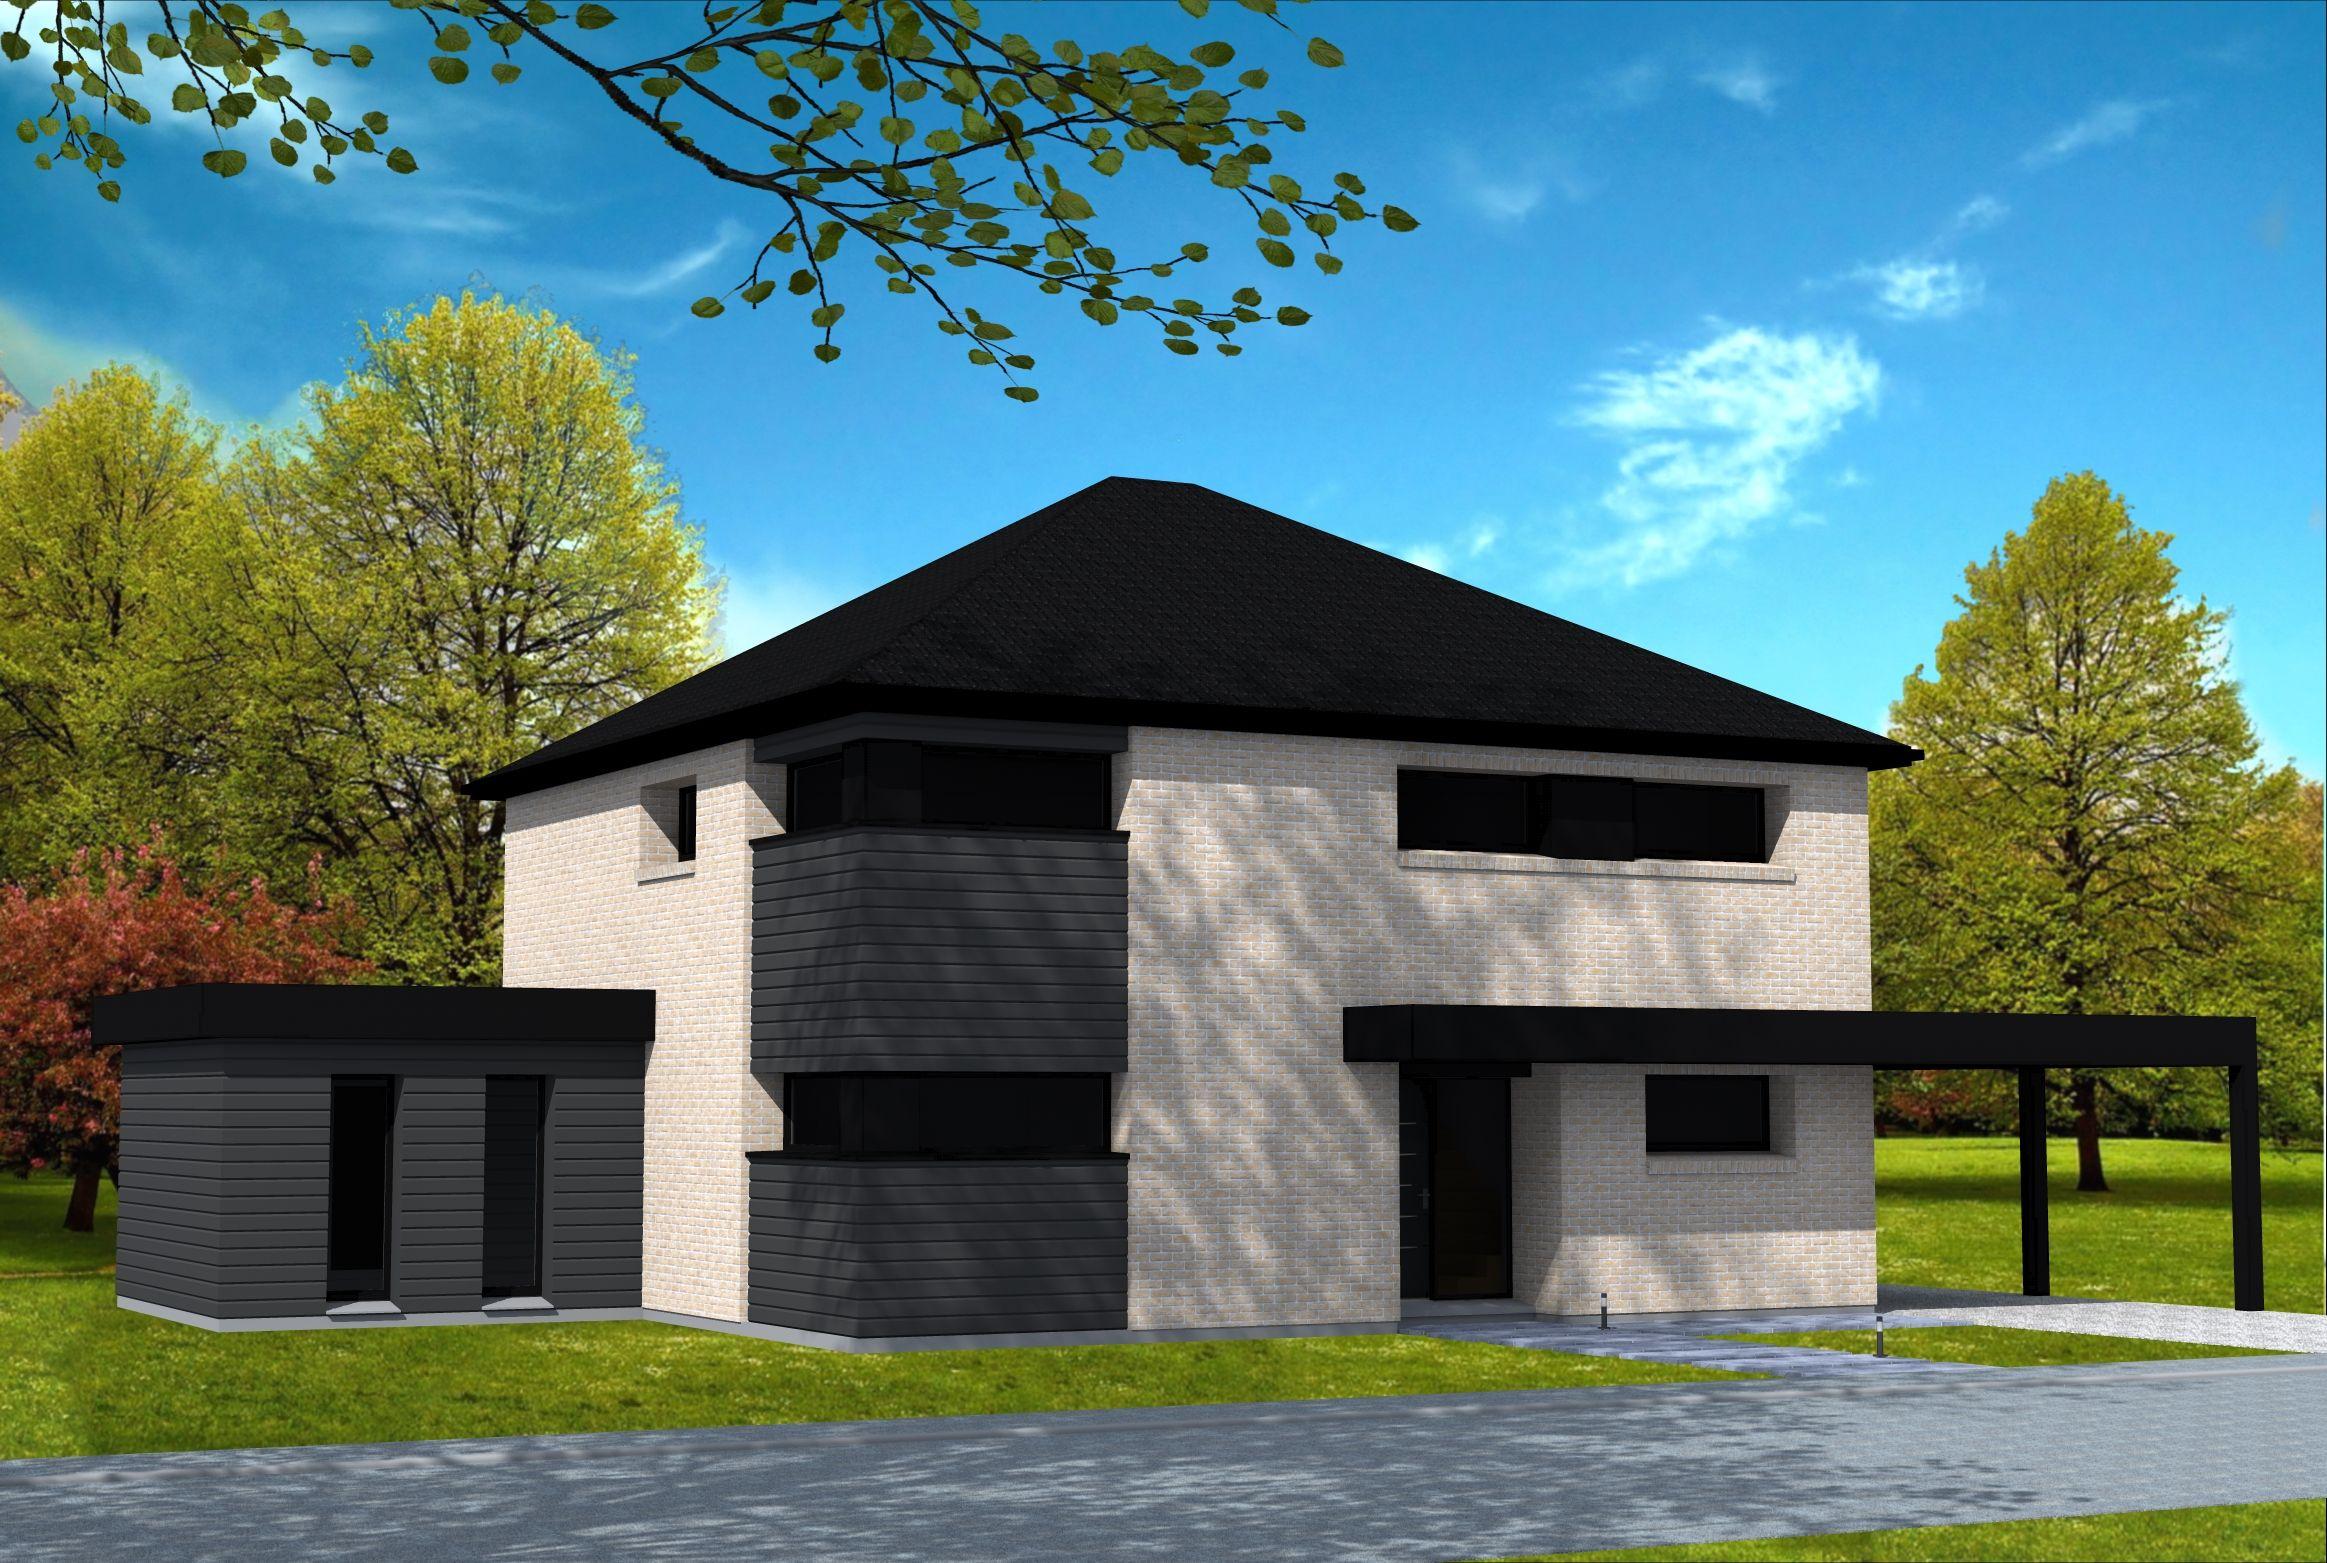 Maison moderne type cubique avec toit  4 pans briques avec parties en bardage gris anthracite